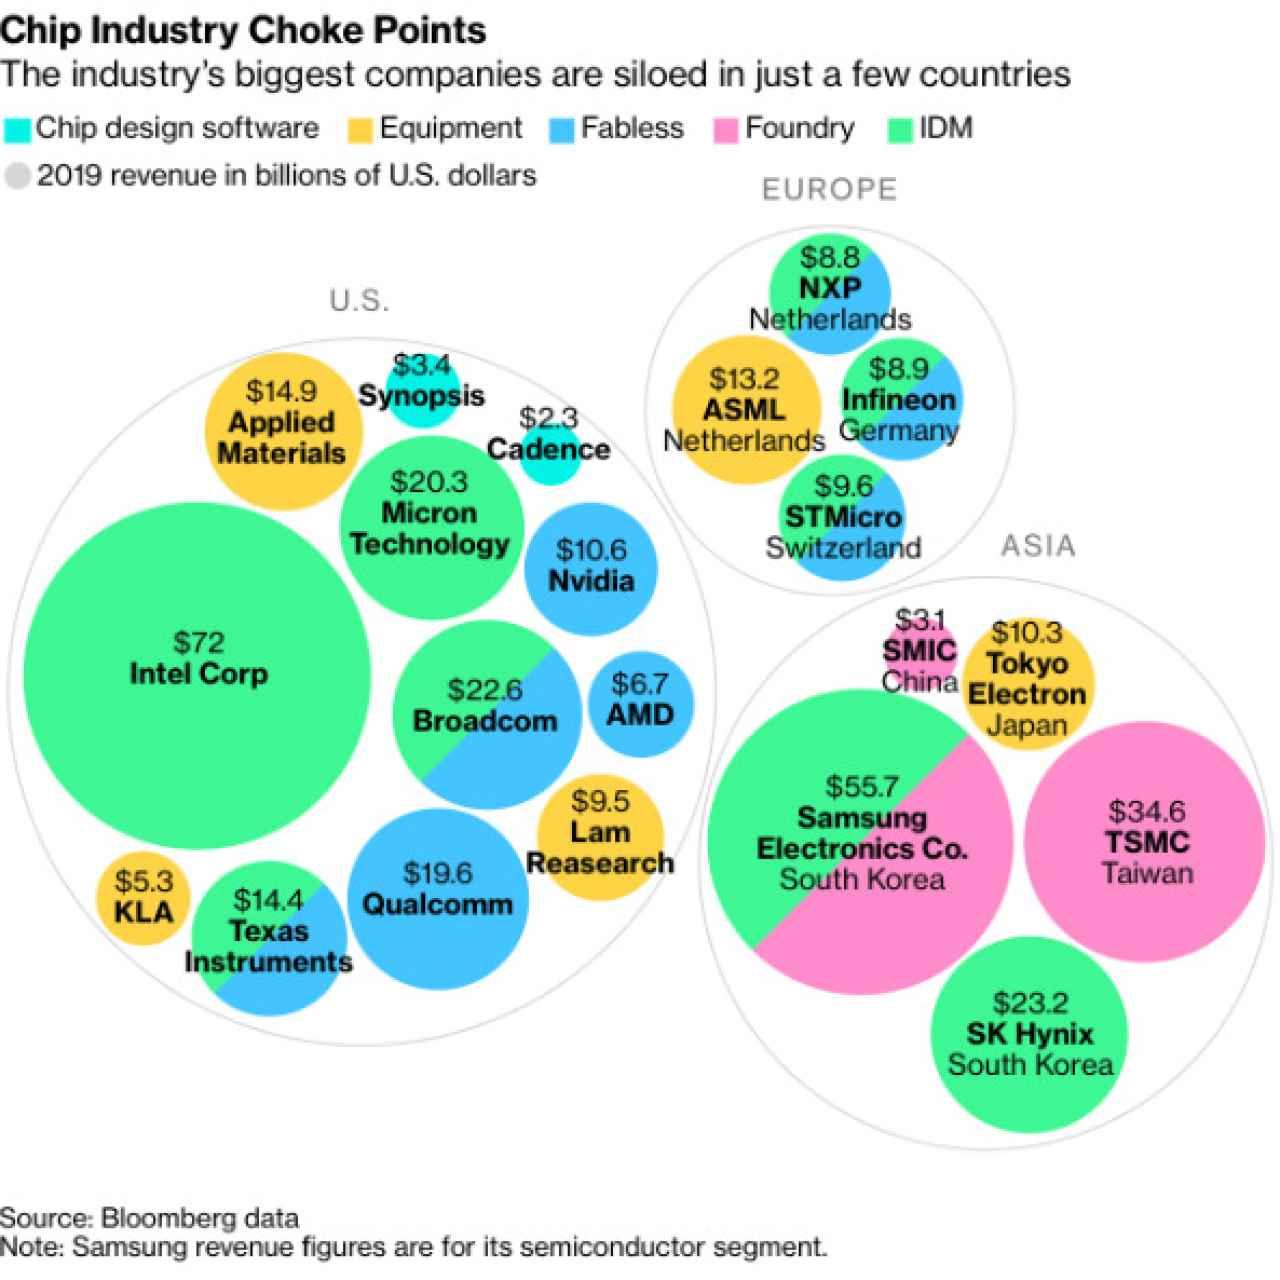 Distribución de los fabricantes de semiconductores por regiones geográficas